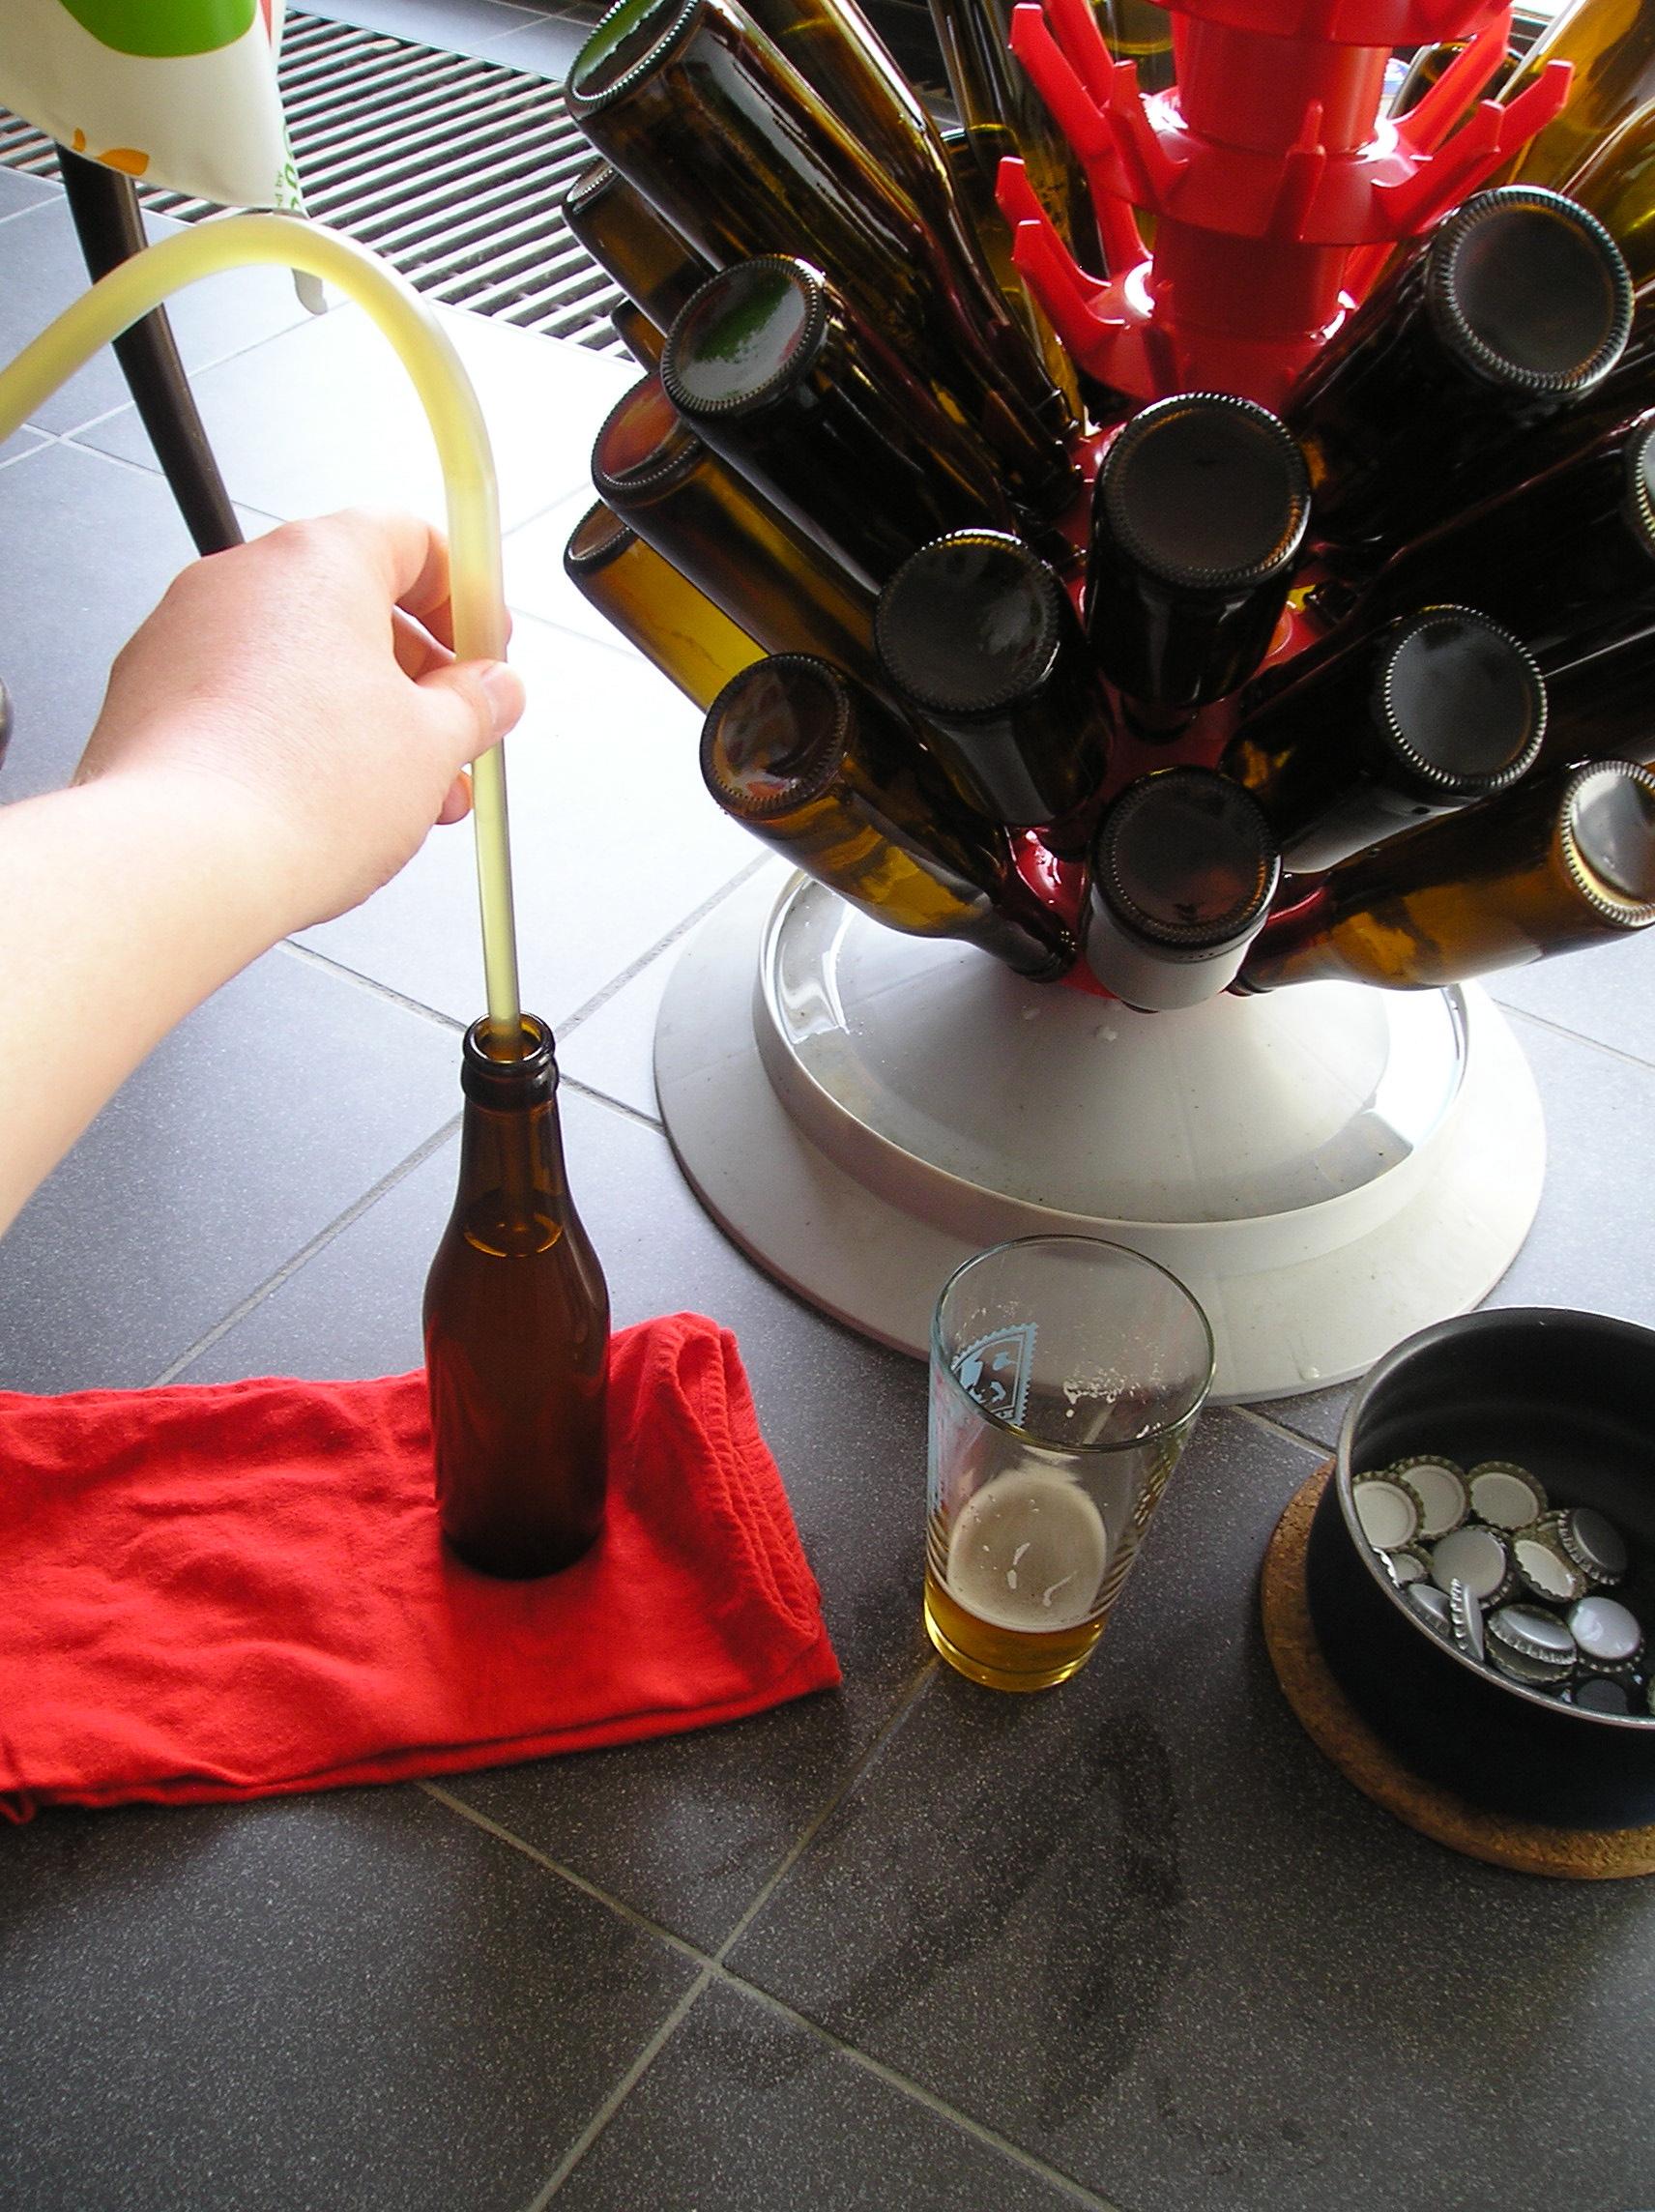 bottling_munichIPA_090607